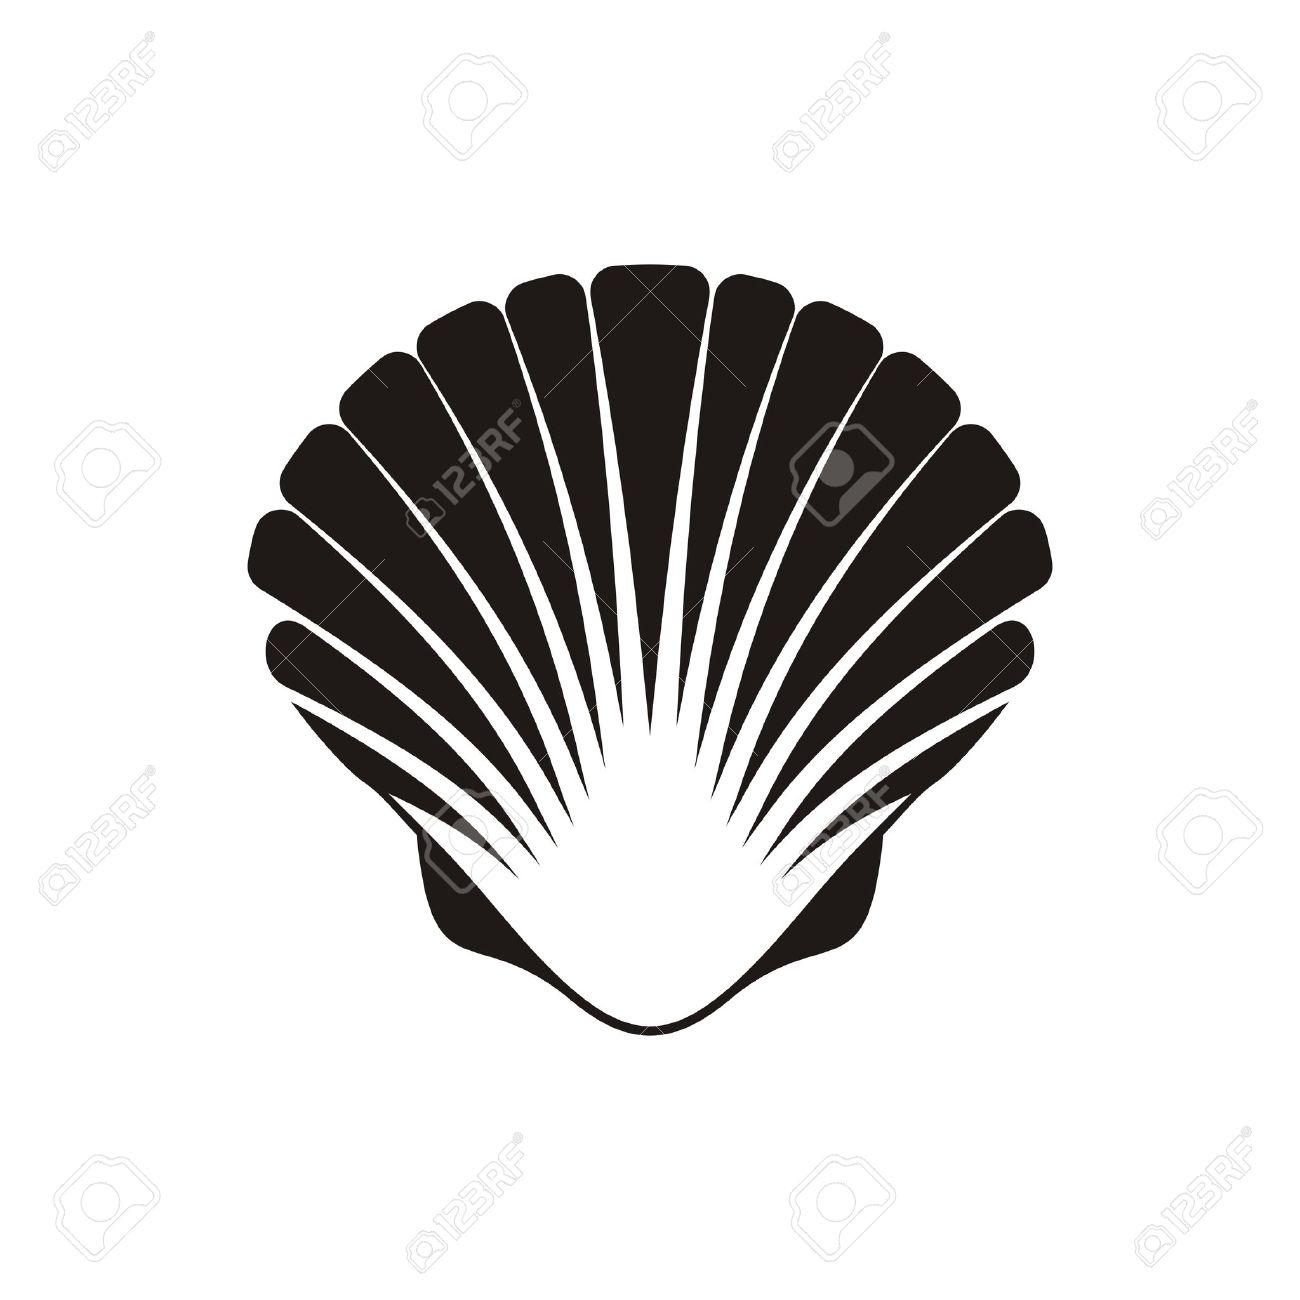 白地に黒ベクトル ホタテ貝殻アイコンのイラスト素材ベクタ Image